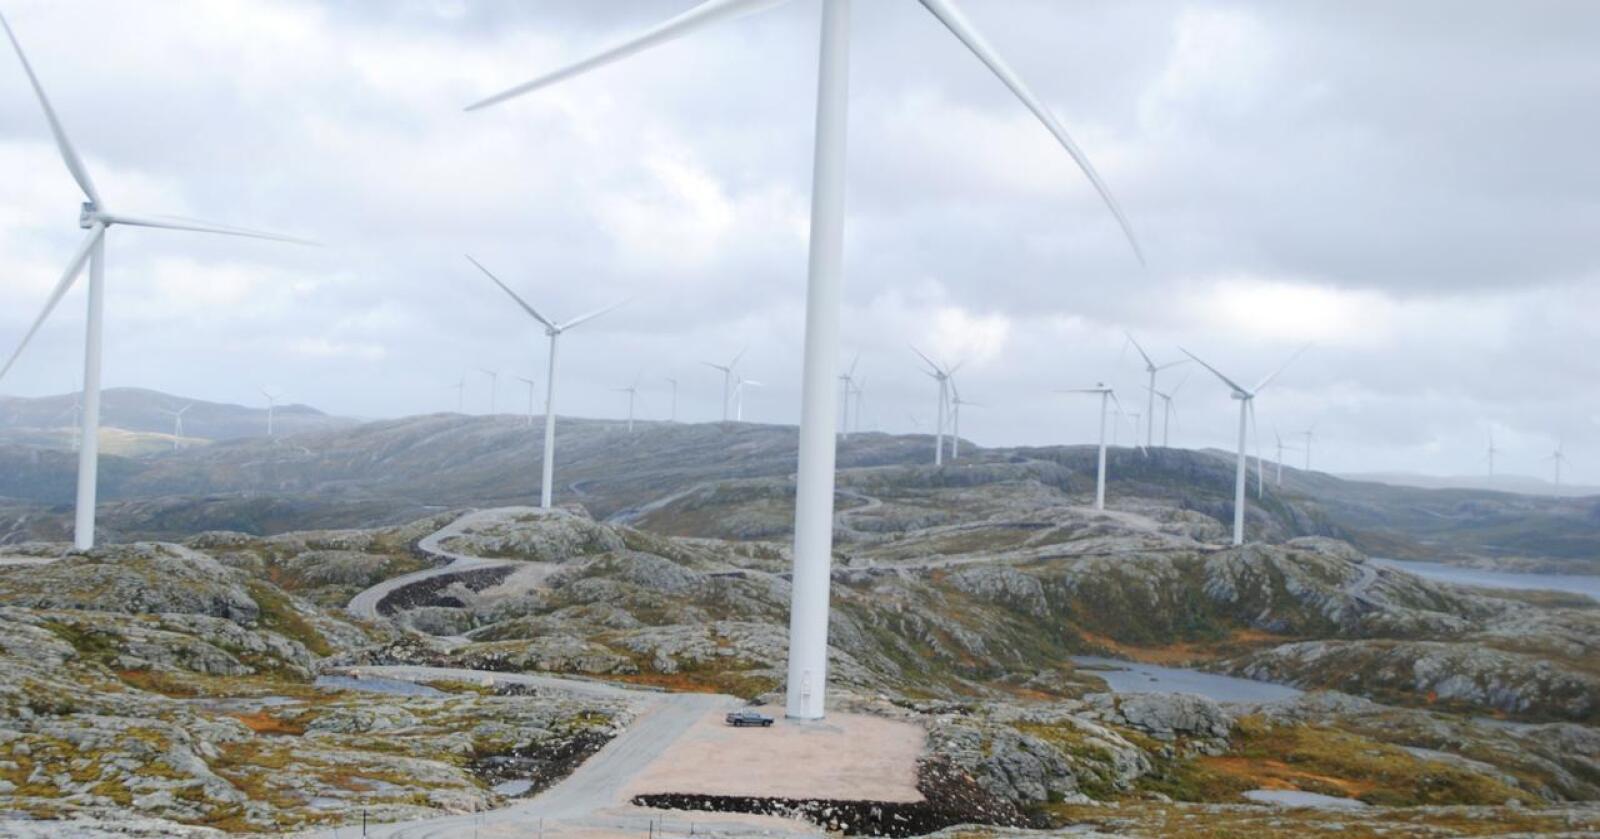 Fornybart: Ny energi må styres - og fordeles, skriver kronikøren. Foto: Lars Bilit Hagen